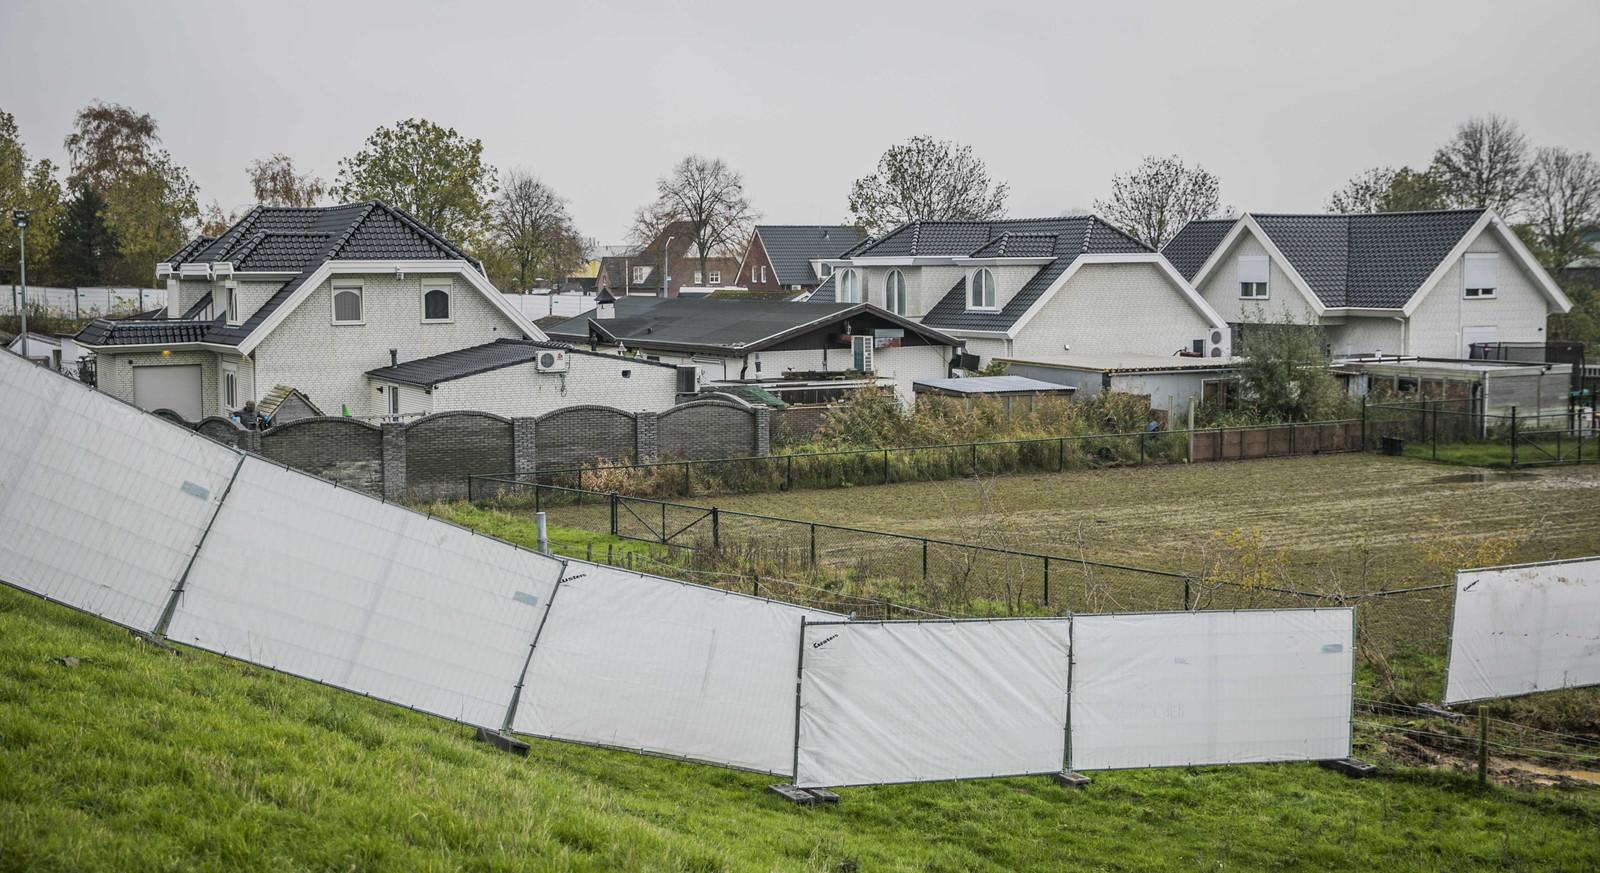 De politie heeft een inval gedaan in een woonwagenkamp in Lith. De inval maakt deel uit van Operatie Alfa, een politieonderzoek naar een criminele familie in Oss.